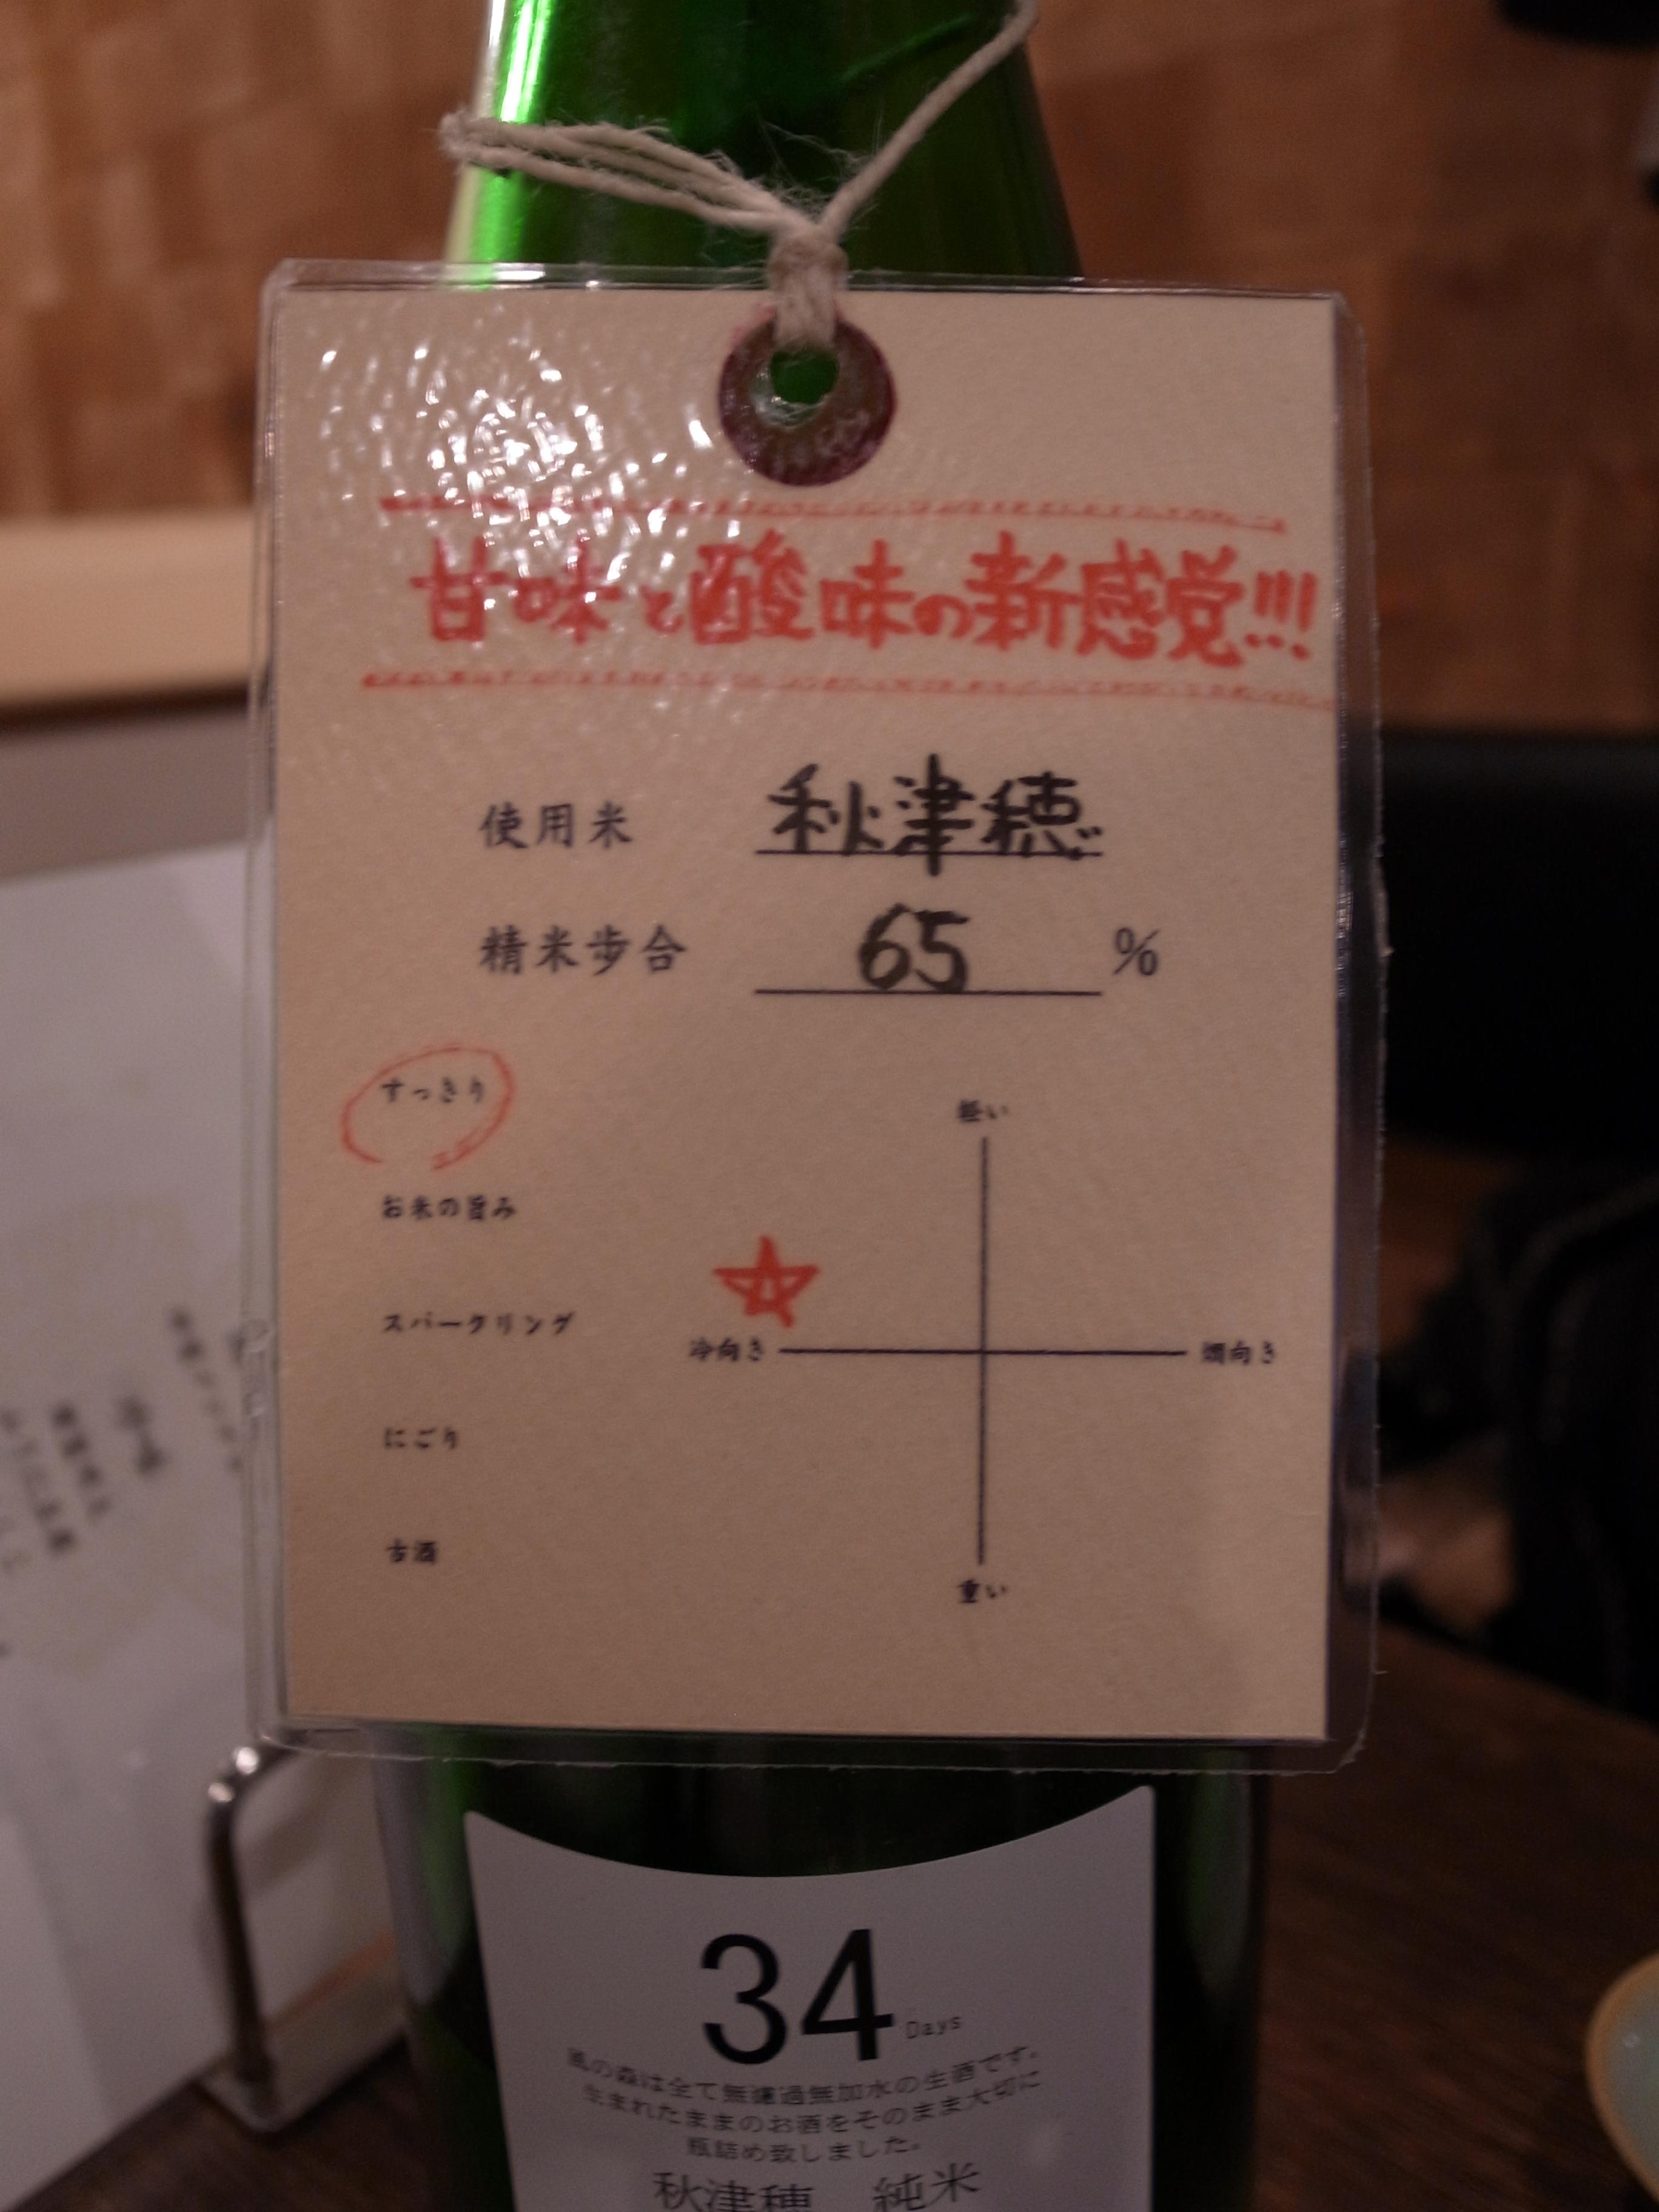 山手線沿いの日本酒がおいしい居酒屋:五反田「酒場それがし」 (3)